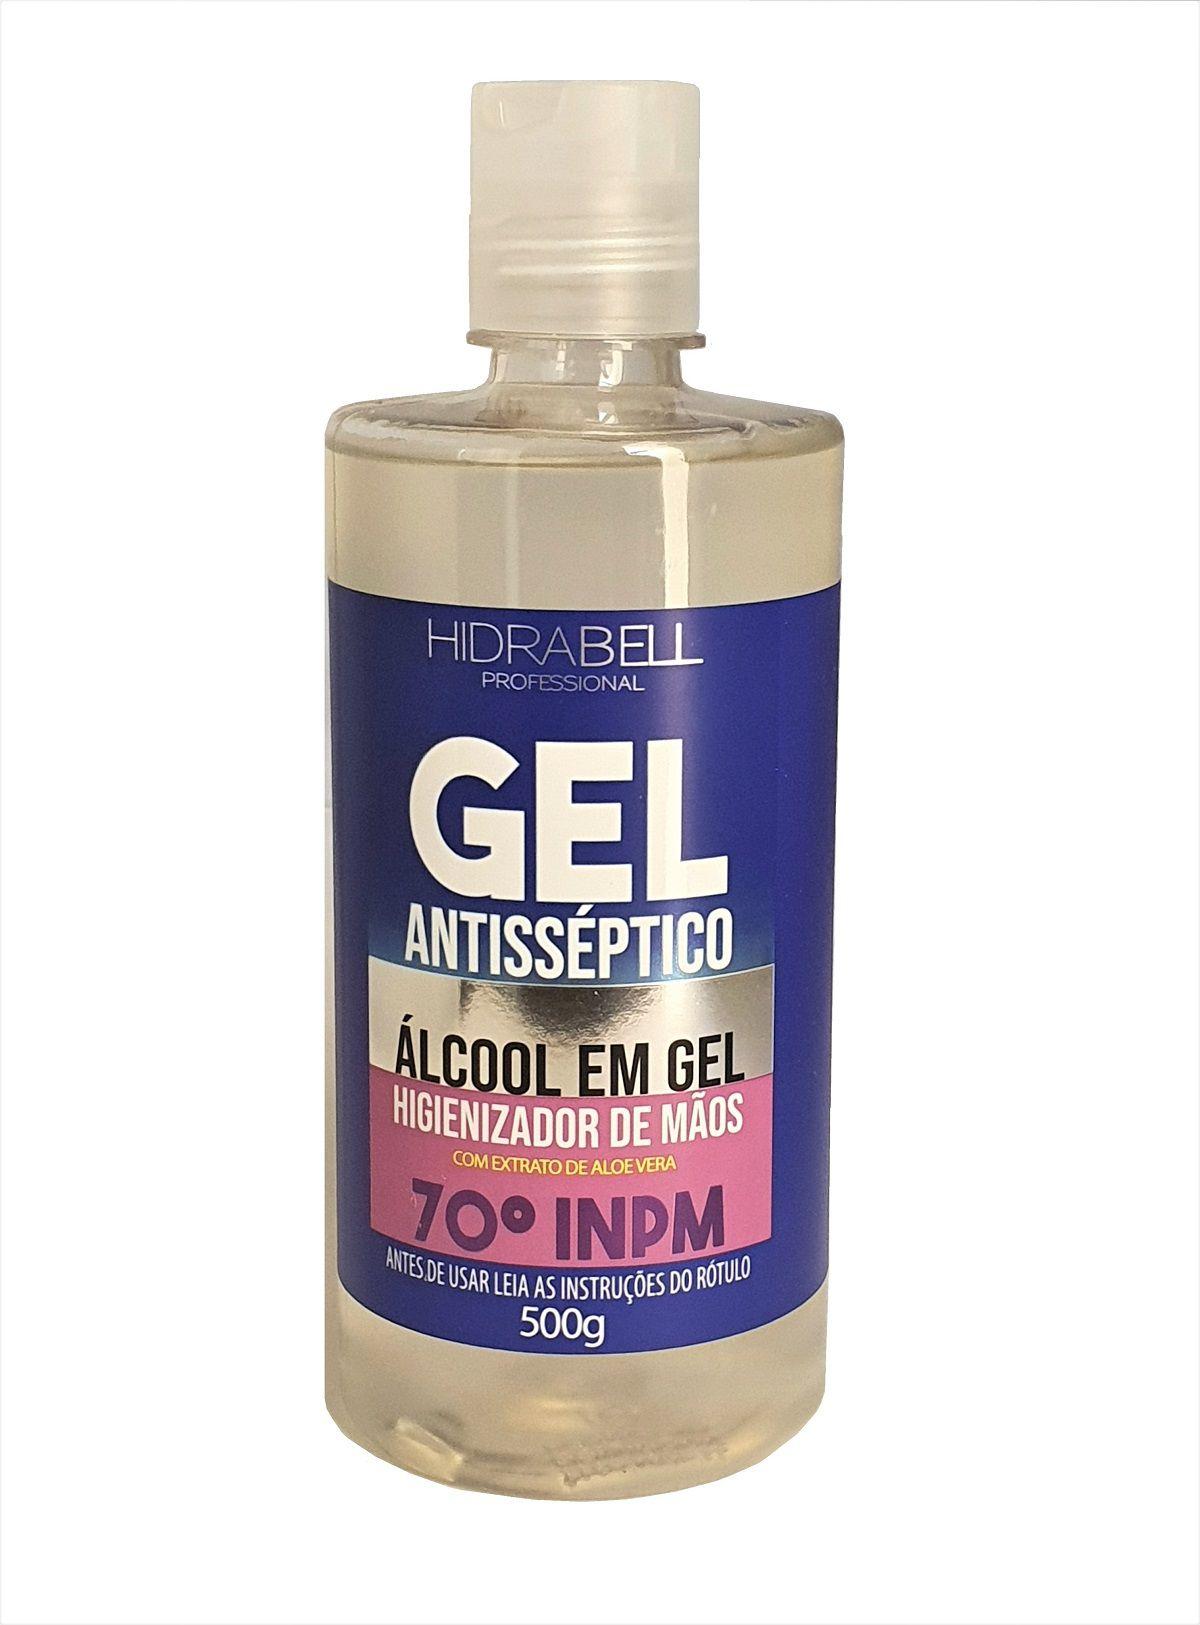 Álcool Gel 70% Antisséptico Higienizador de Mãos com aloe vera 500g Hidrabell - Kit 5 unid.  - Mix Eletro